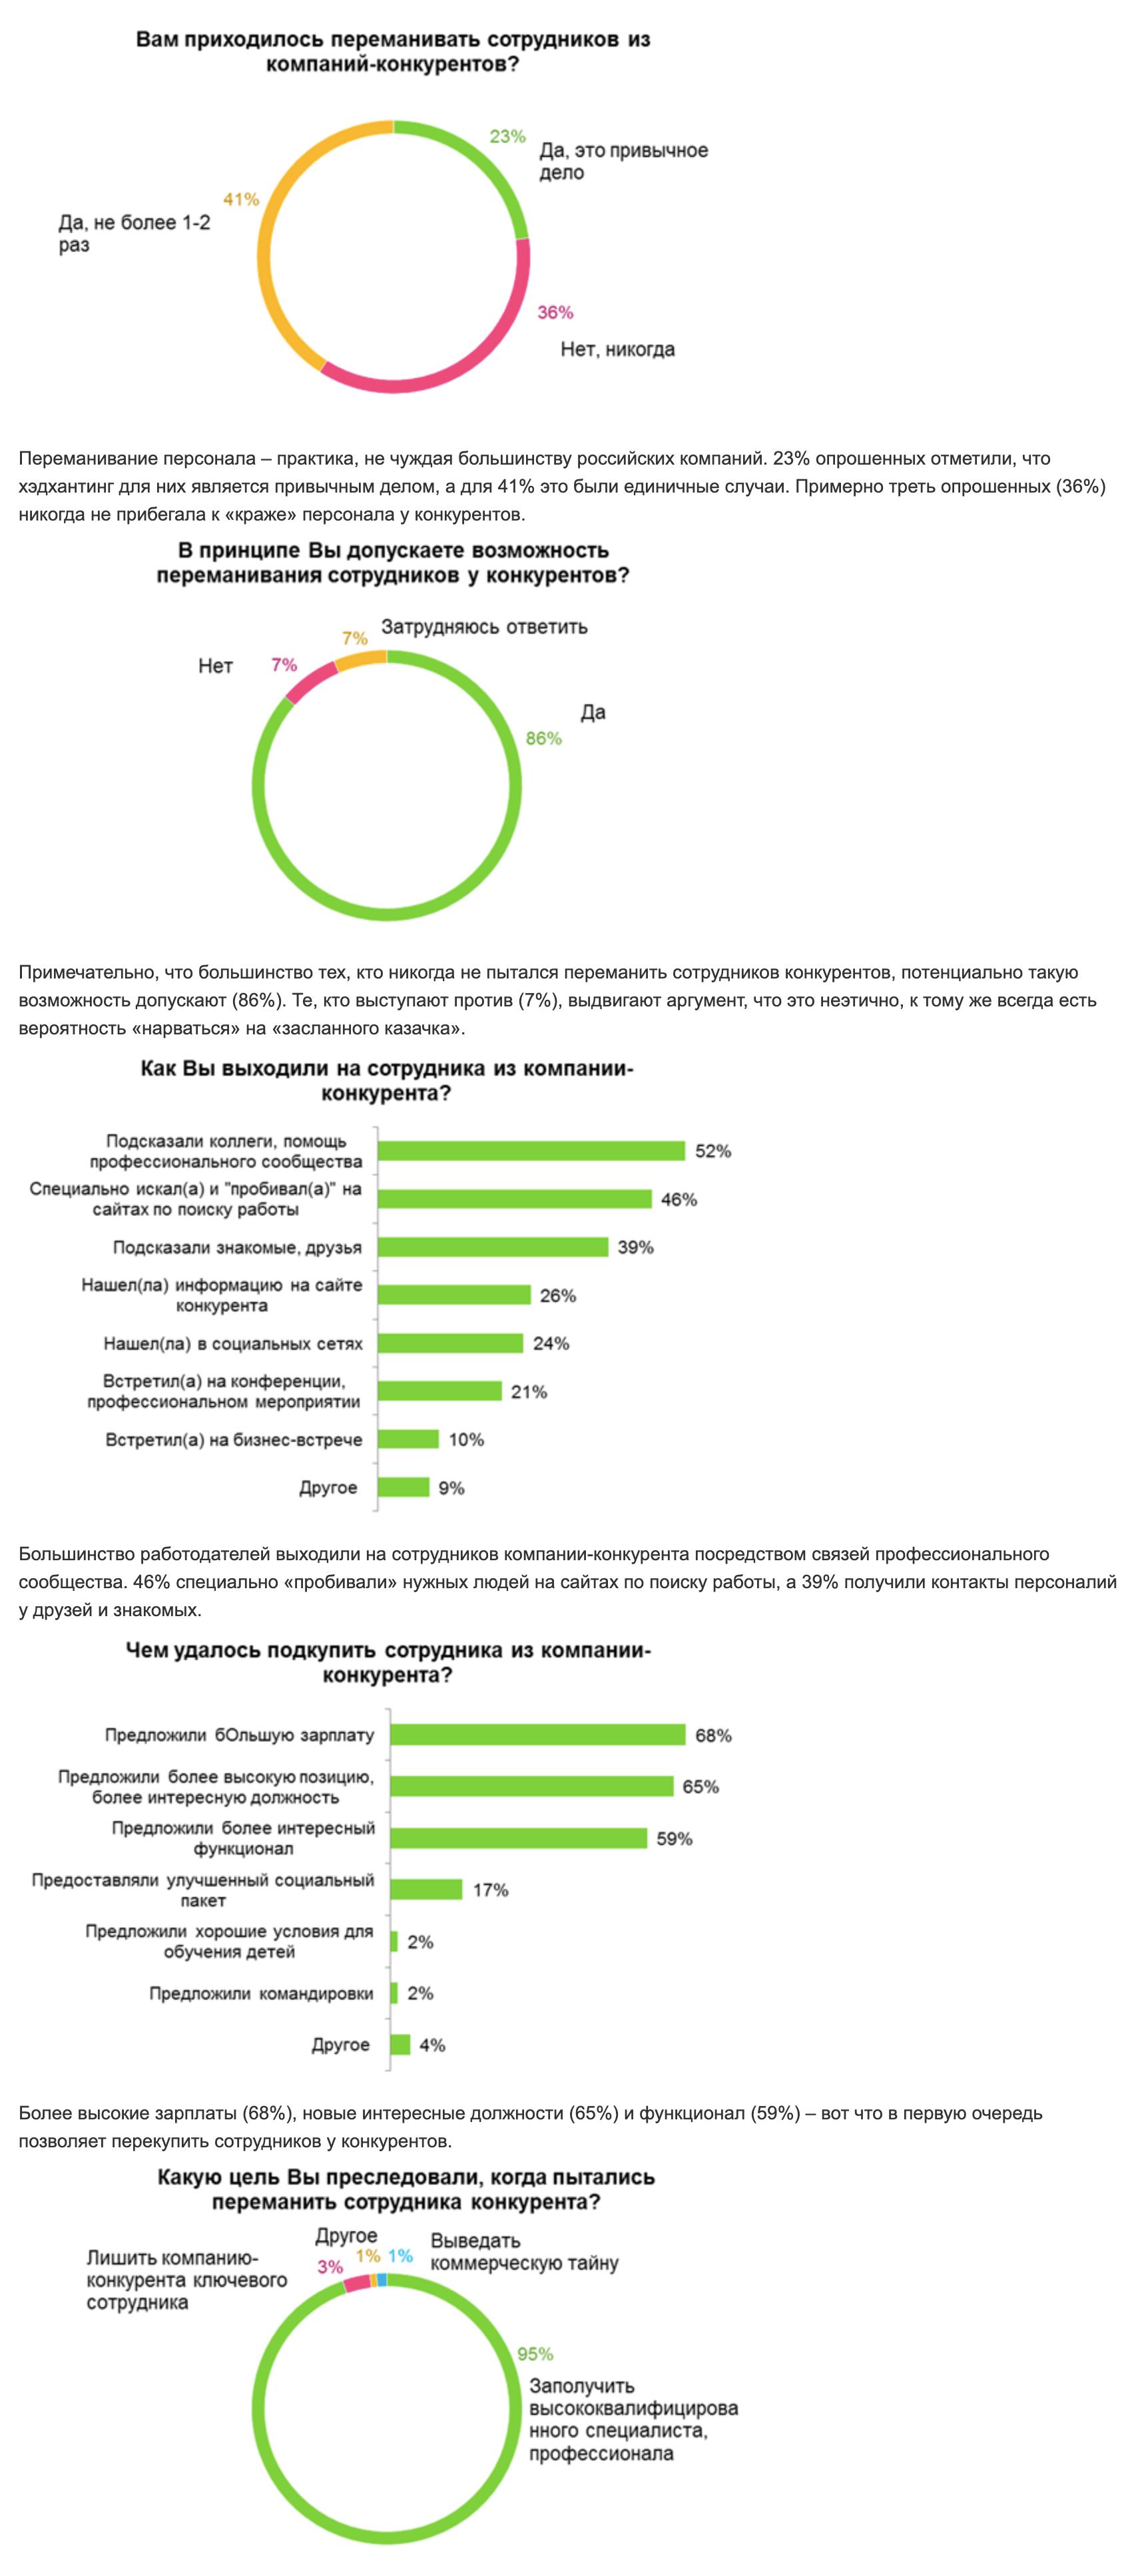 «Хедхантер» проводил опрос работодателей. Большинство компаний хотябы несколько раз переманивали сотрудников у конкурентов. Обычно работники соблазняются на более высокую зарплату или должность